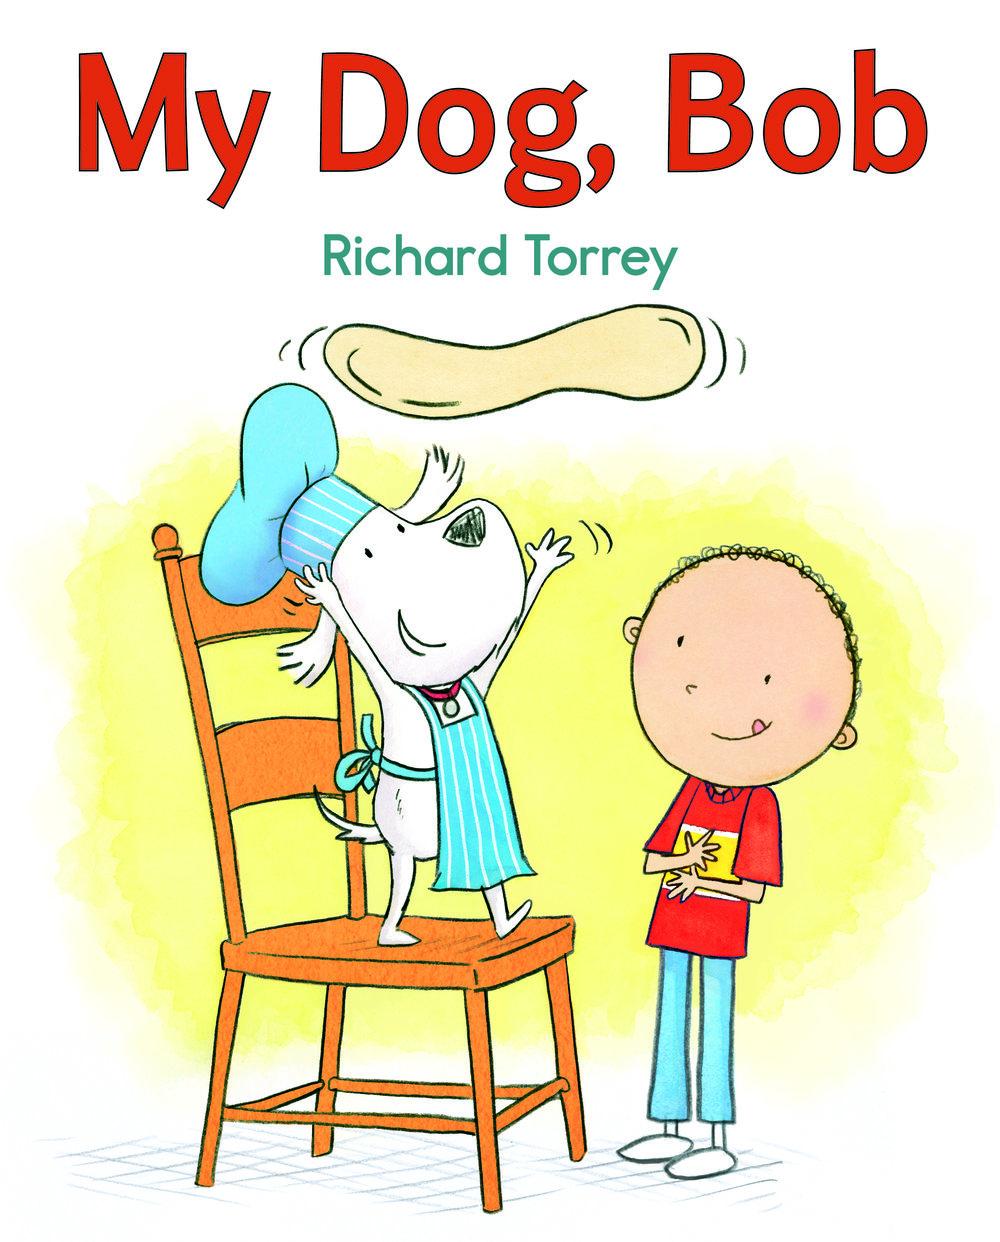 My Dog, Bob